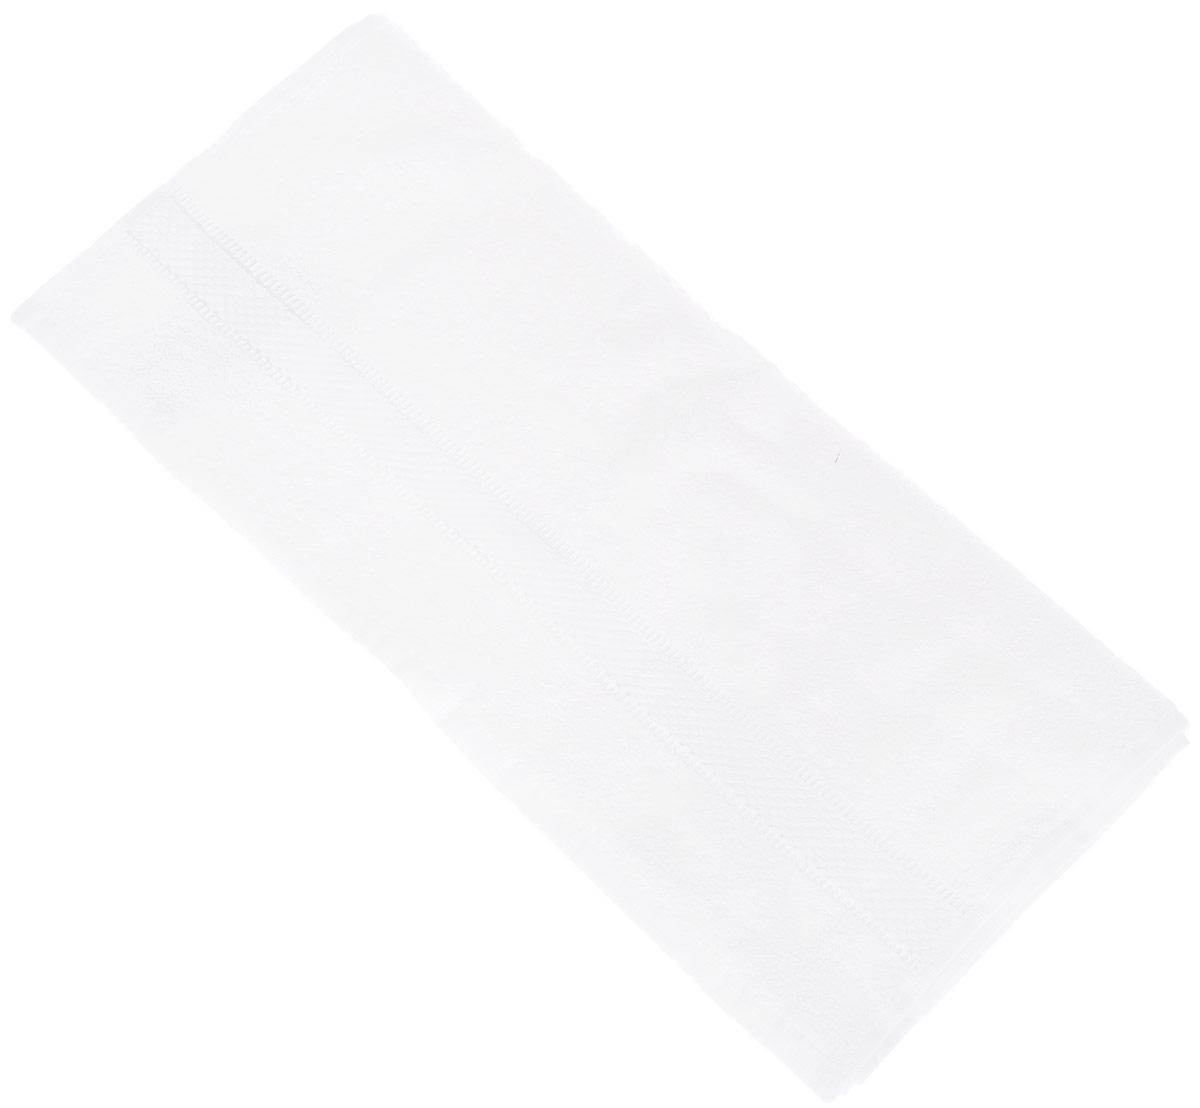 Полотенце Brielle Basic, цвет: белый, 50 х 85 смCLP446Полотенце Brielle Basic выполнено из 100% хлопка. Изделие очень мягкое, оно отлично впитывает влагу, быстро сохнет, сохраняет яркость цвета и не теряет формы даже после многократных стирок. Лаконичные бордюры подойдут для любого интерьера ванной комнаты. Полотенце прекрасно впитывает влагу и быстро сохнет. При соблюдении рекомендаций по уходу не линяет и не теряет форму даже после многократных стирок.Полотенце Brielle Basic очень практично и неприхотливо в уходе.Такое полотенце послужит приятным подарком.